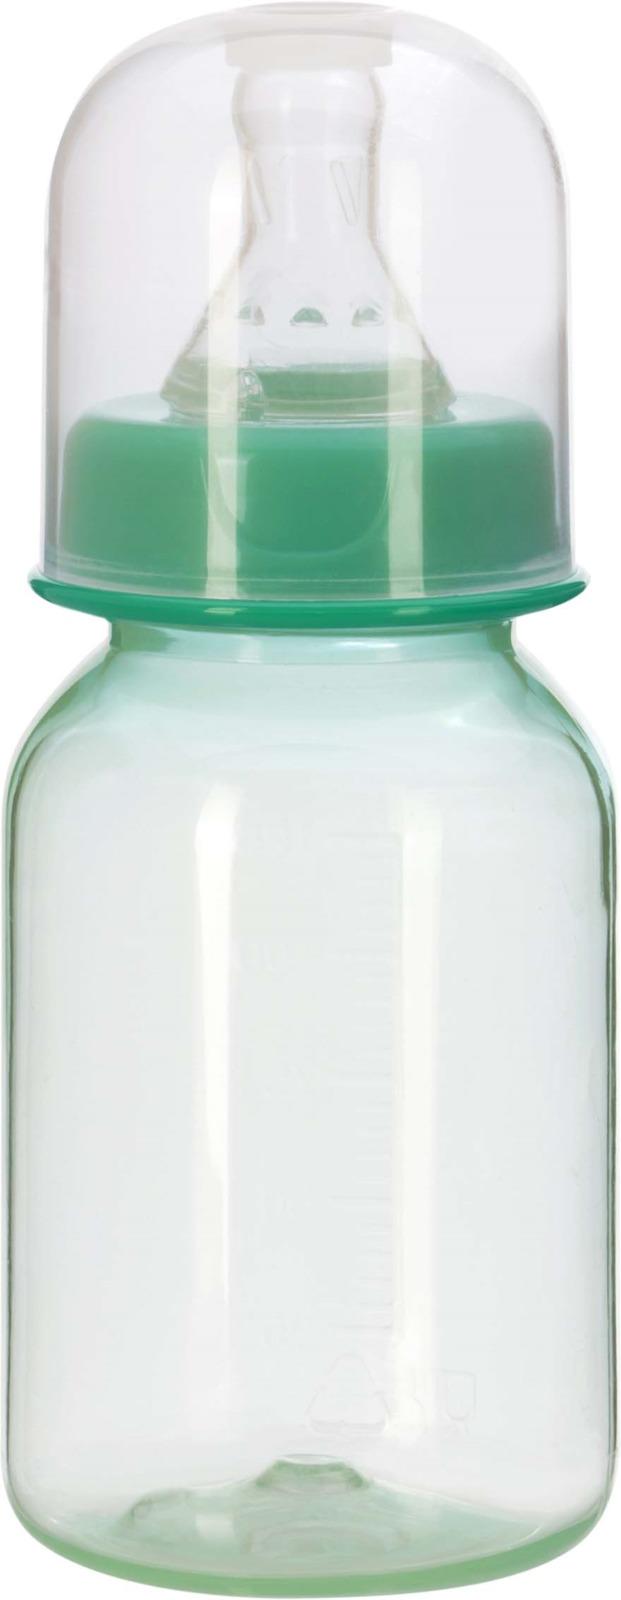 Бутылочка для кормления Курносики, с соской, 11129, 125 мл avent бутылочка для кормления 125 мл